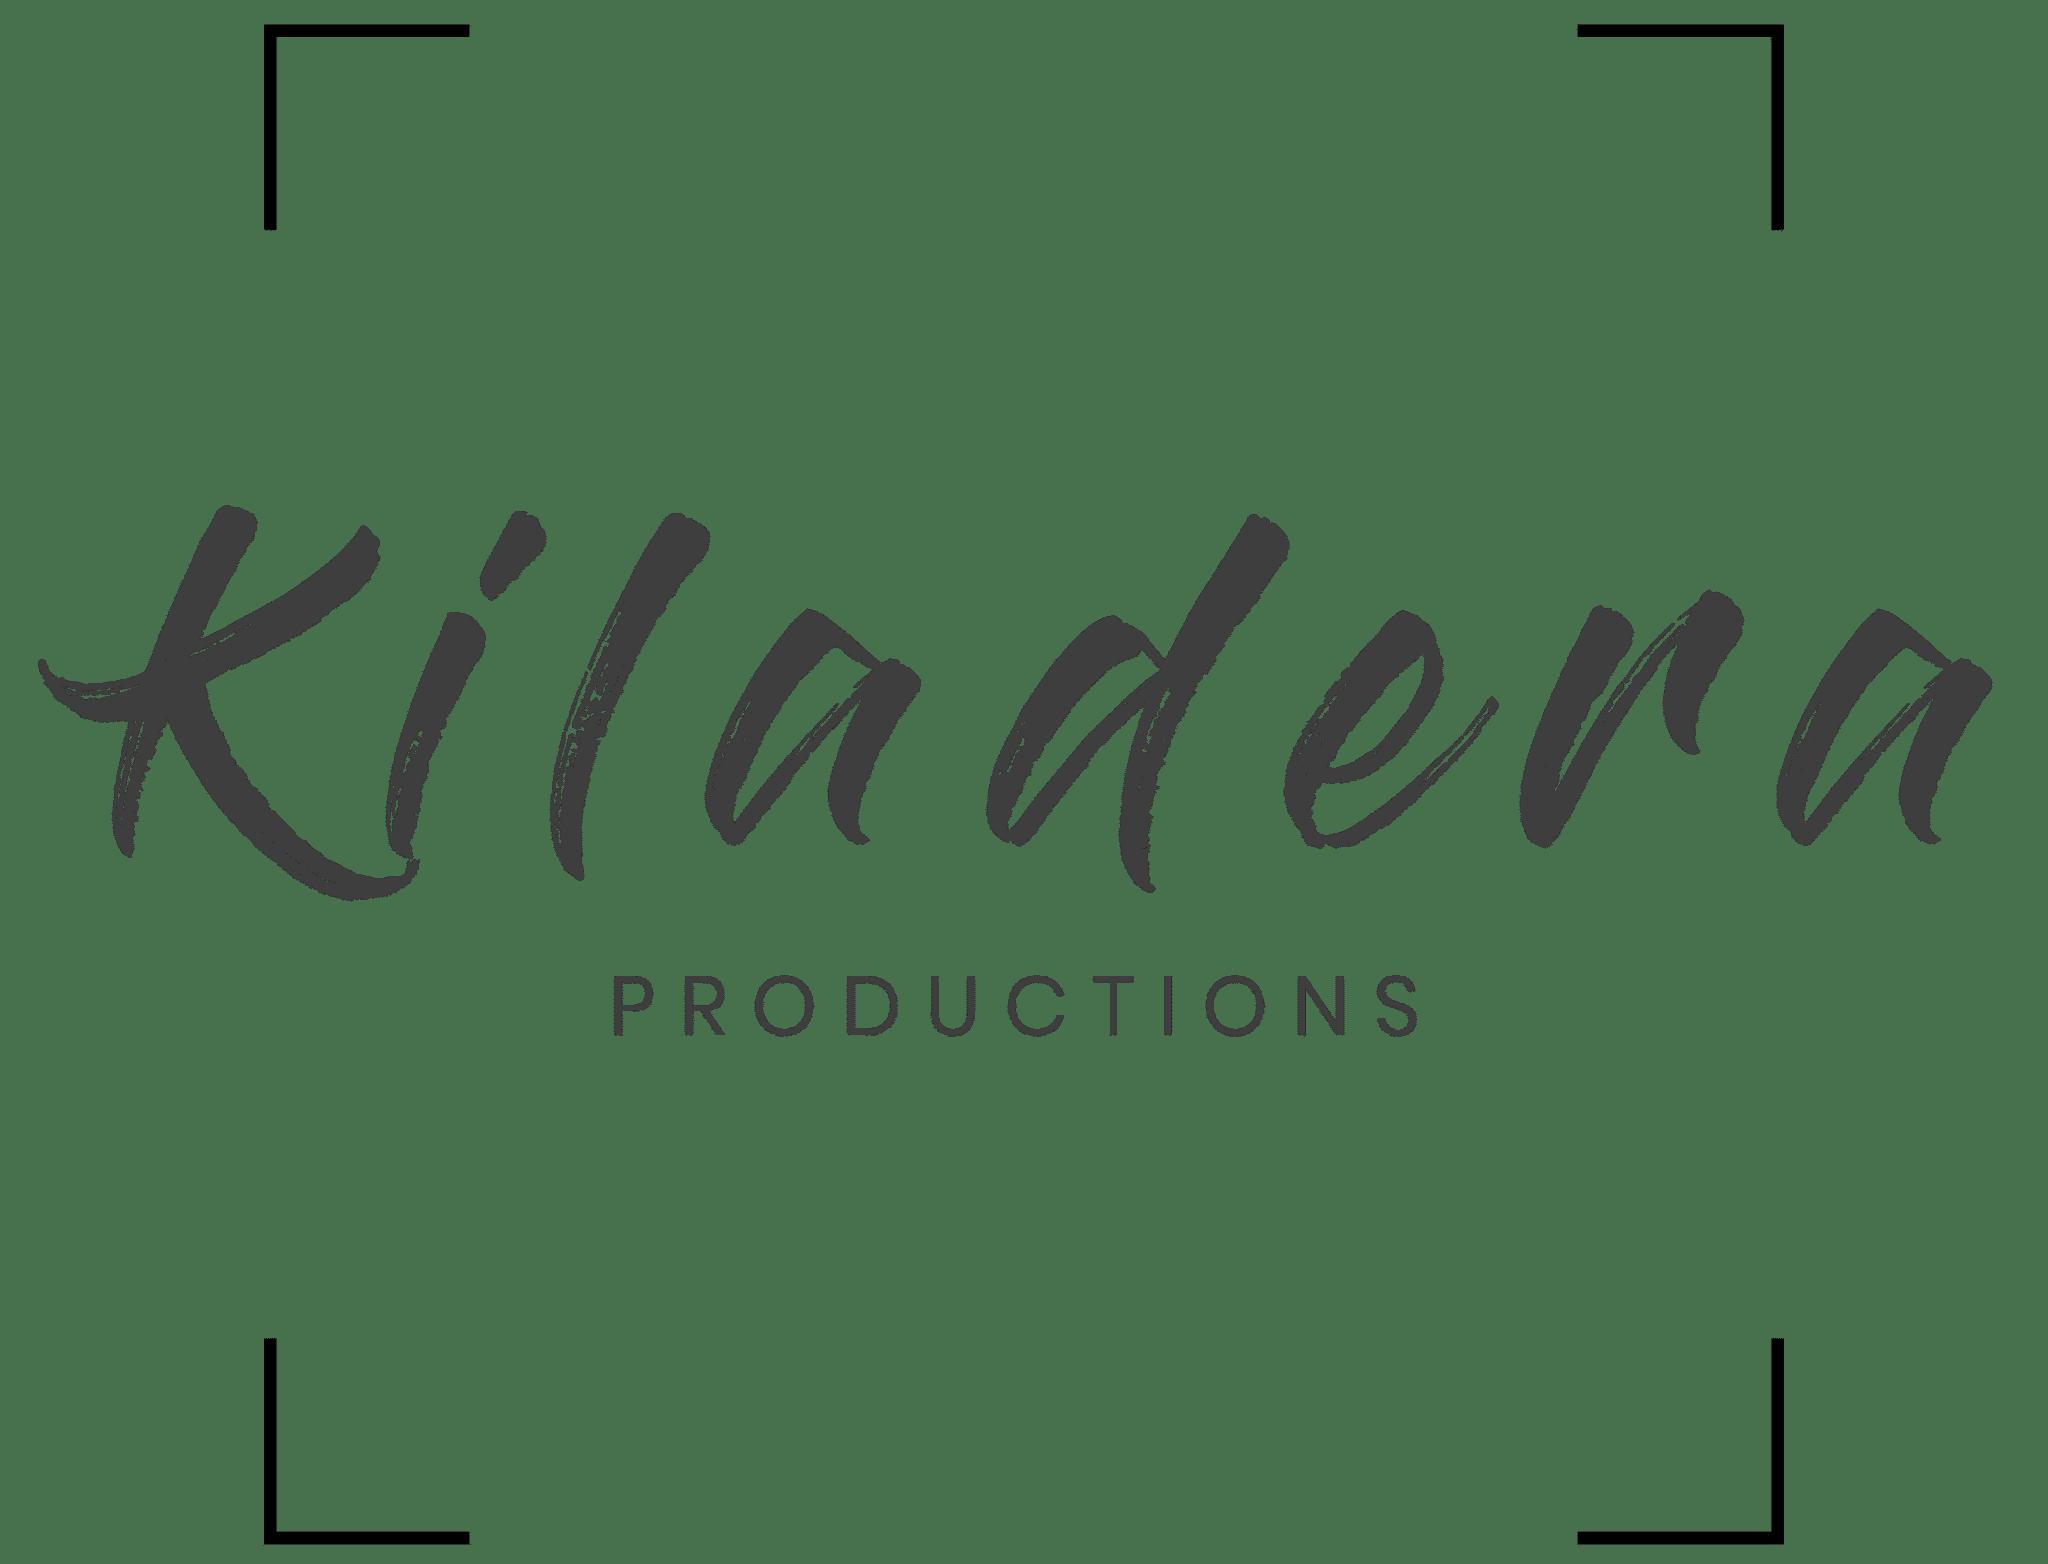 Kiladera Productions